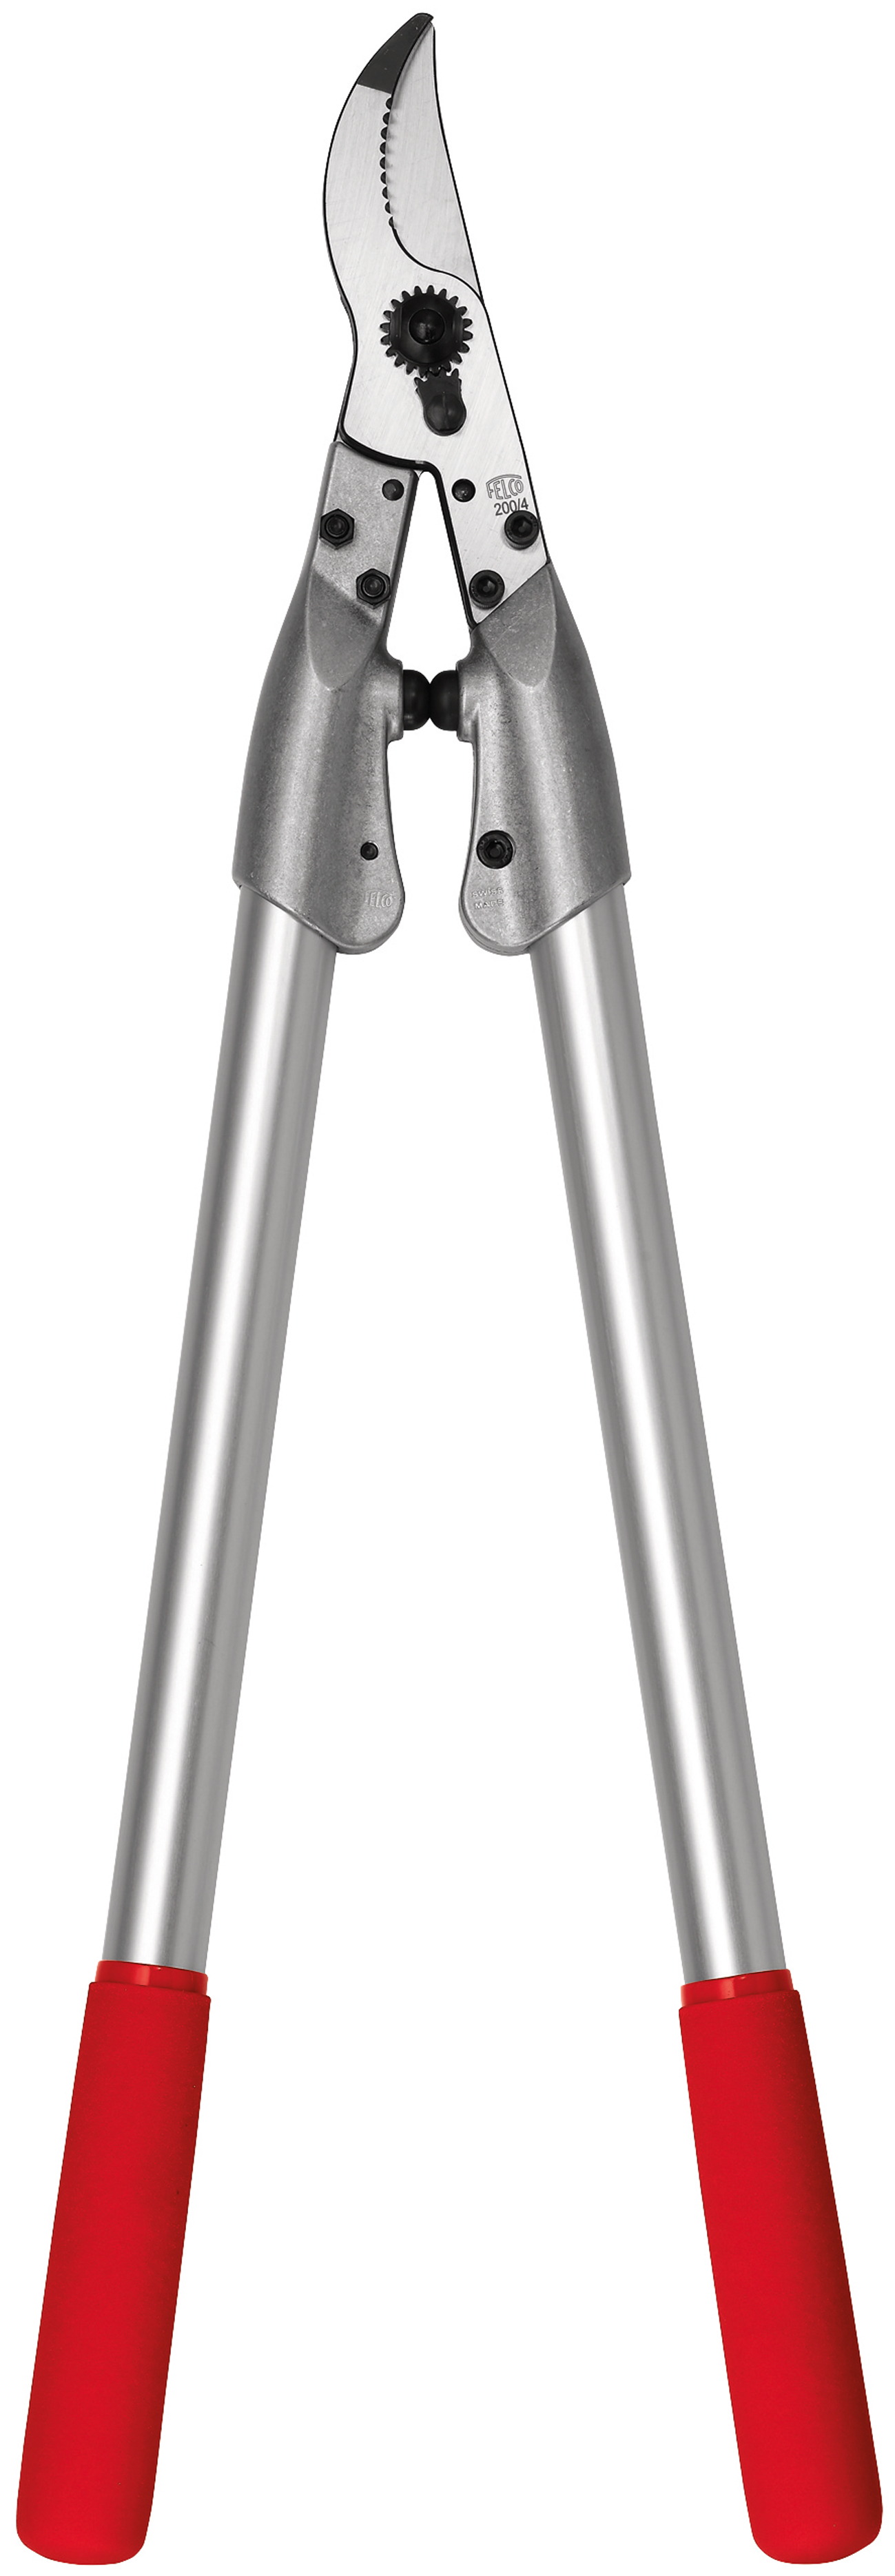 FELCO 200A-60 – Grensaks